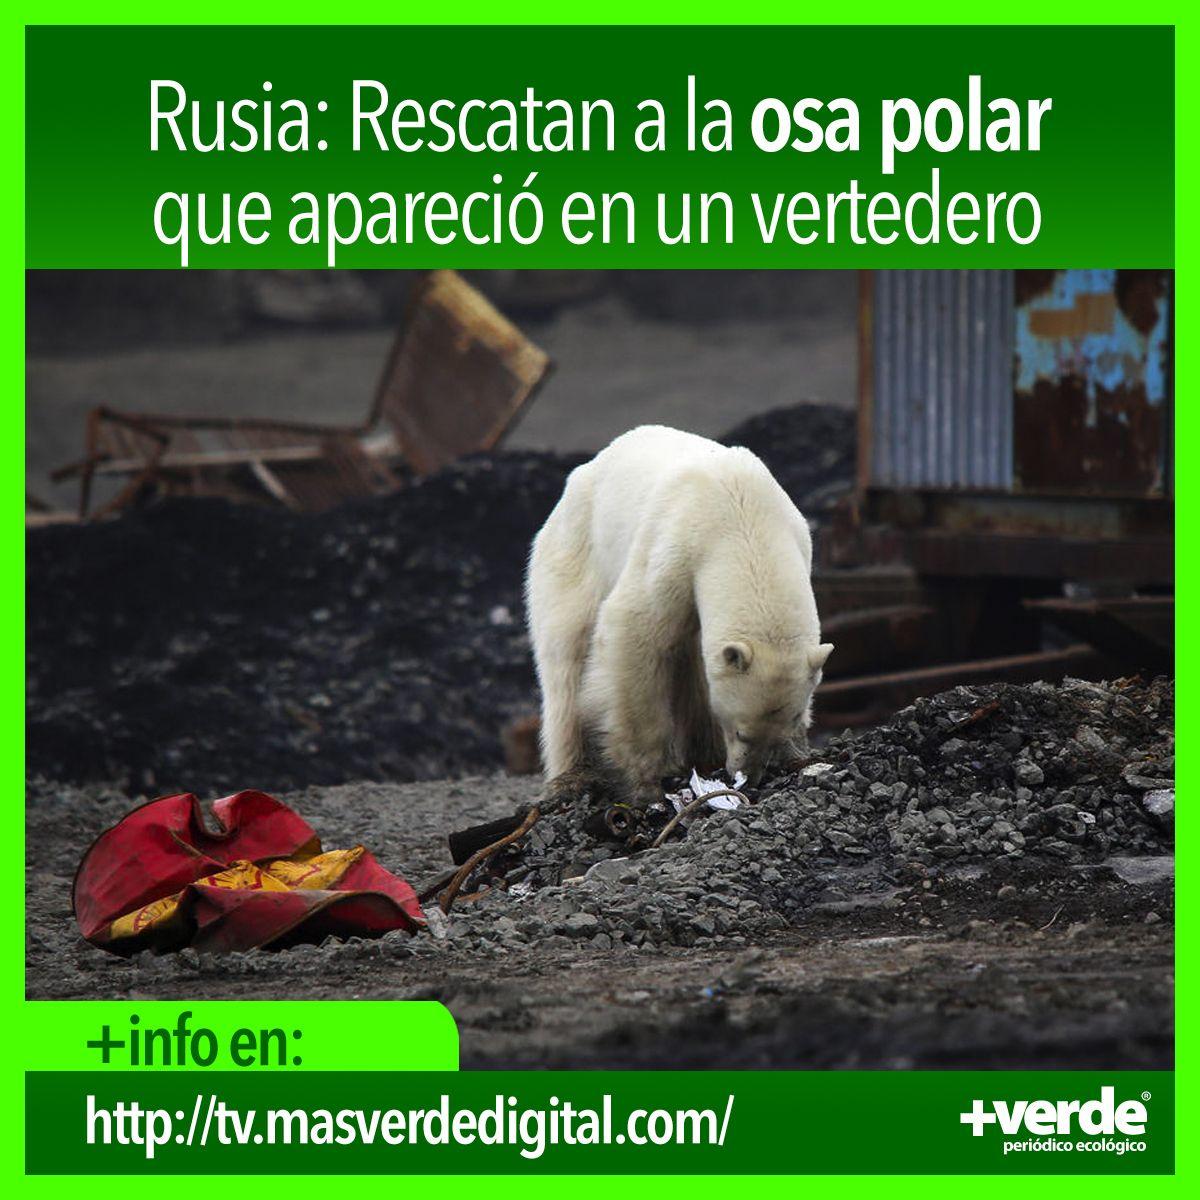 Rusia Rescatan A La Osa Polar Que Apareció En Un Vertedero Oso Polar Vertedero Polaroid